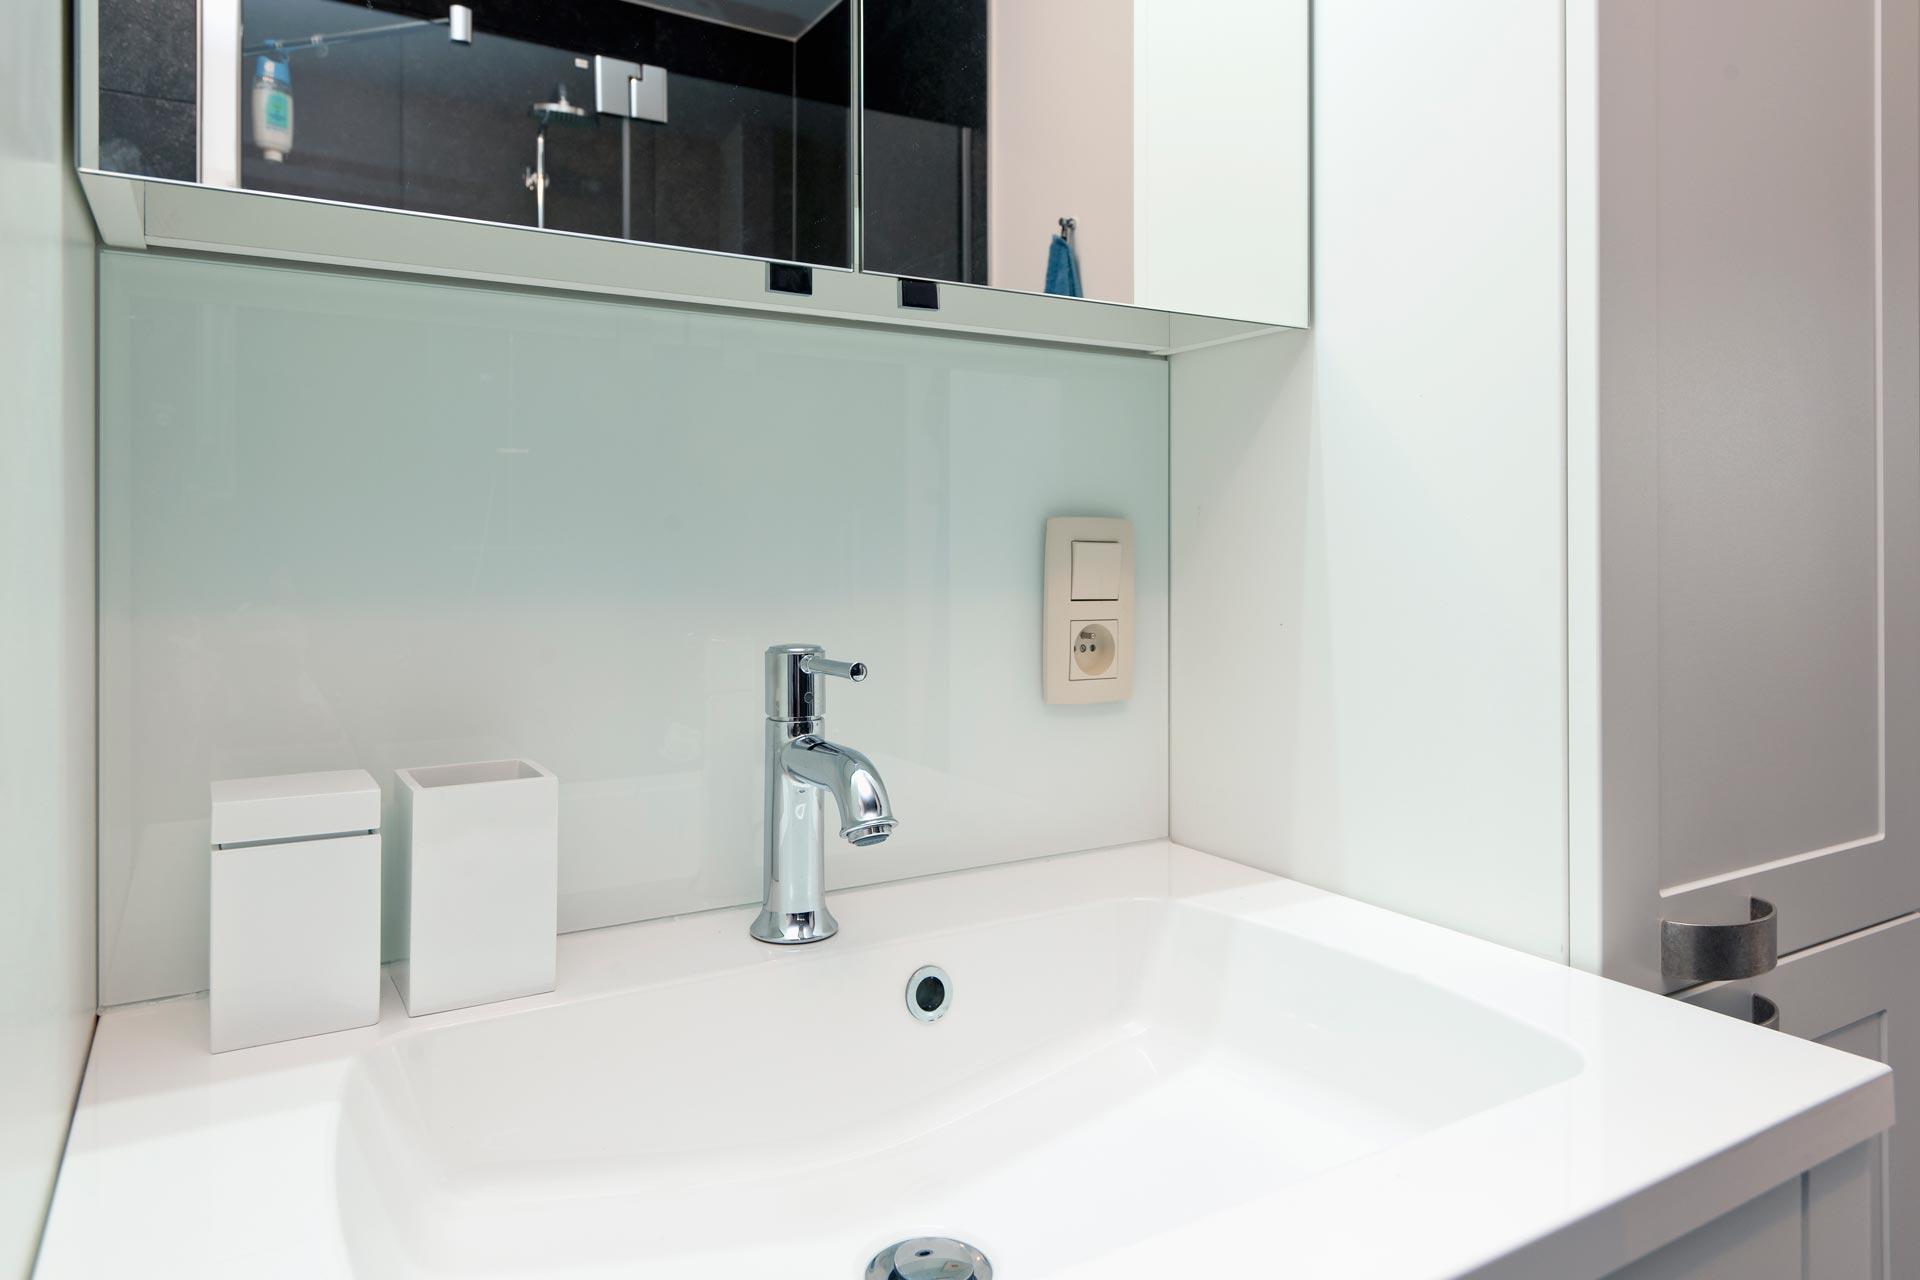 Badkamer meerwaarde nieuwe badkamer galerij foto 39 s van binnenlandse en moderne - Nieuwe badkamer ...